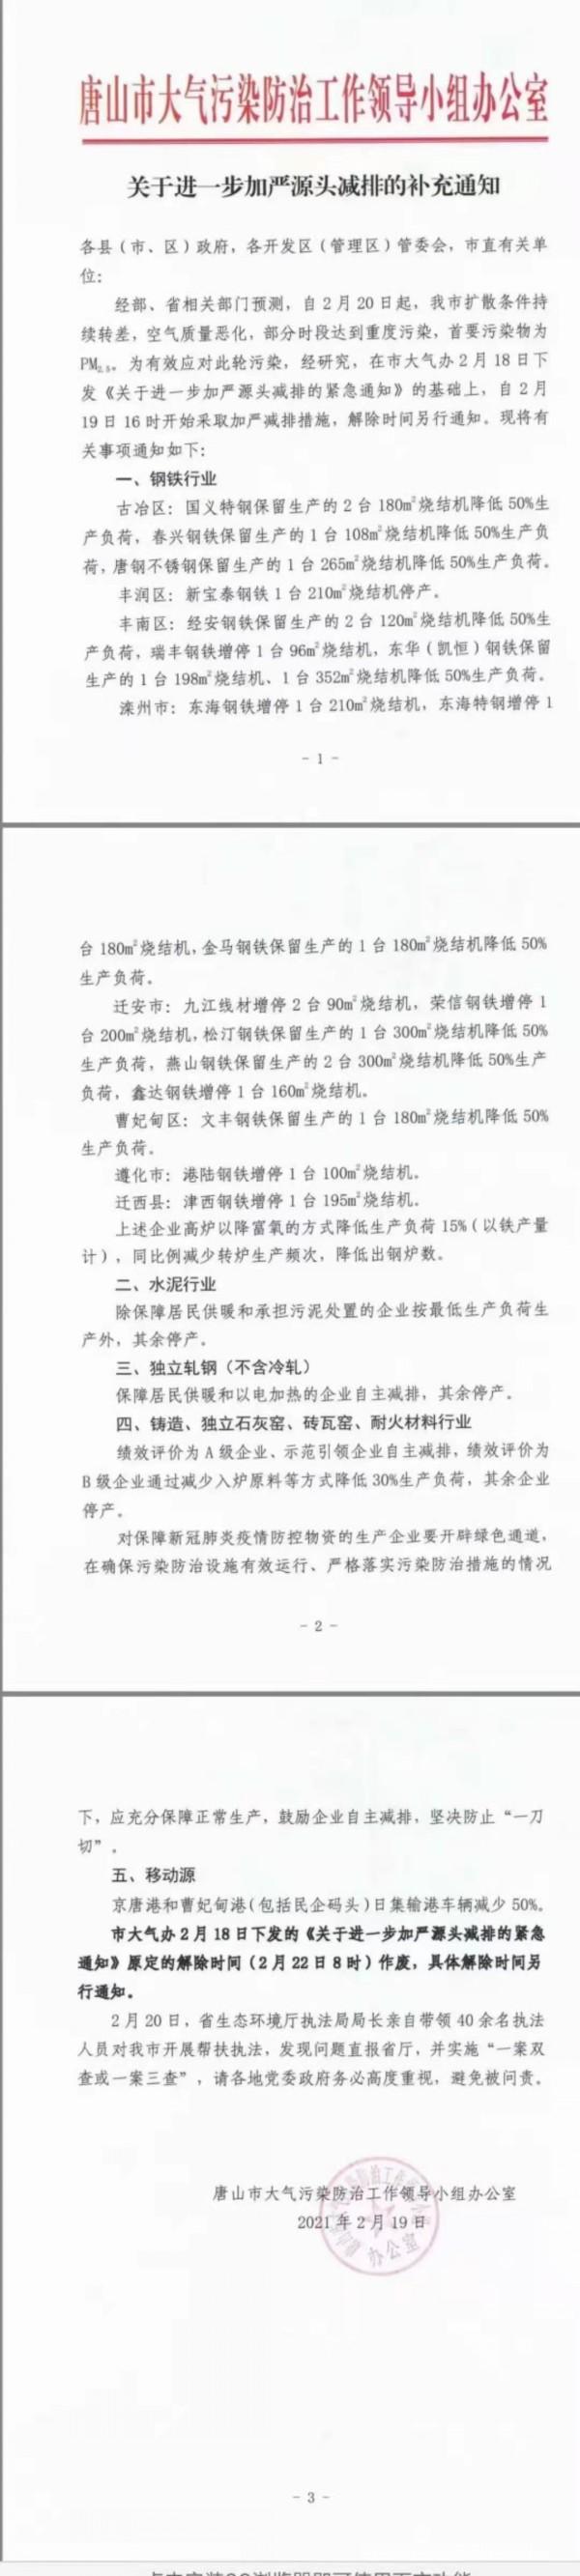 唐山市关于进一步加严源头减排的补充通知